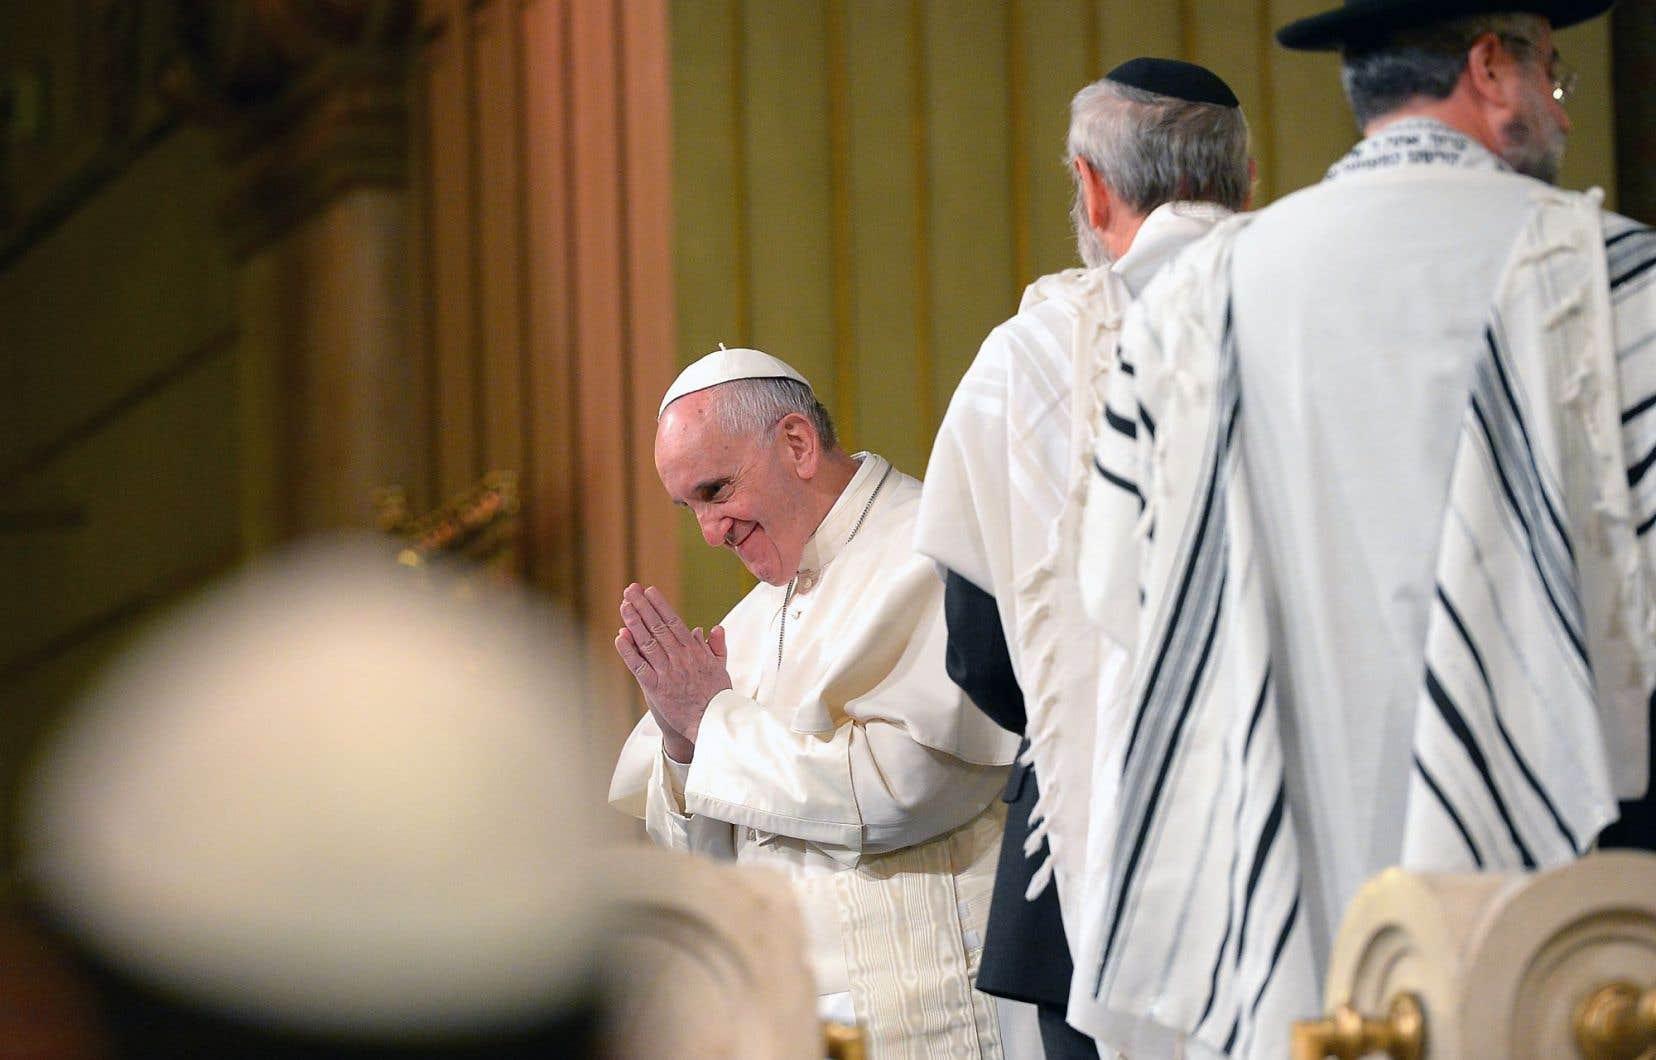 François a été le troisième pape à se rendre à la synagogue de Rome après Jean-Paul II et Benoît XVI. Dimanche, il y a été chaleureusement accueilli.